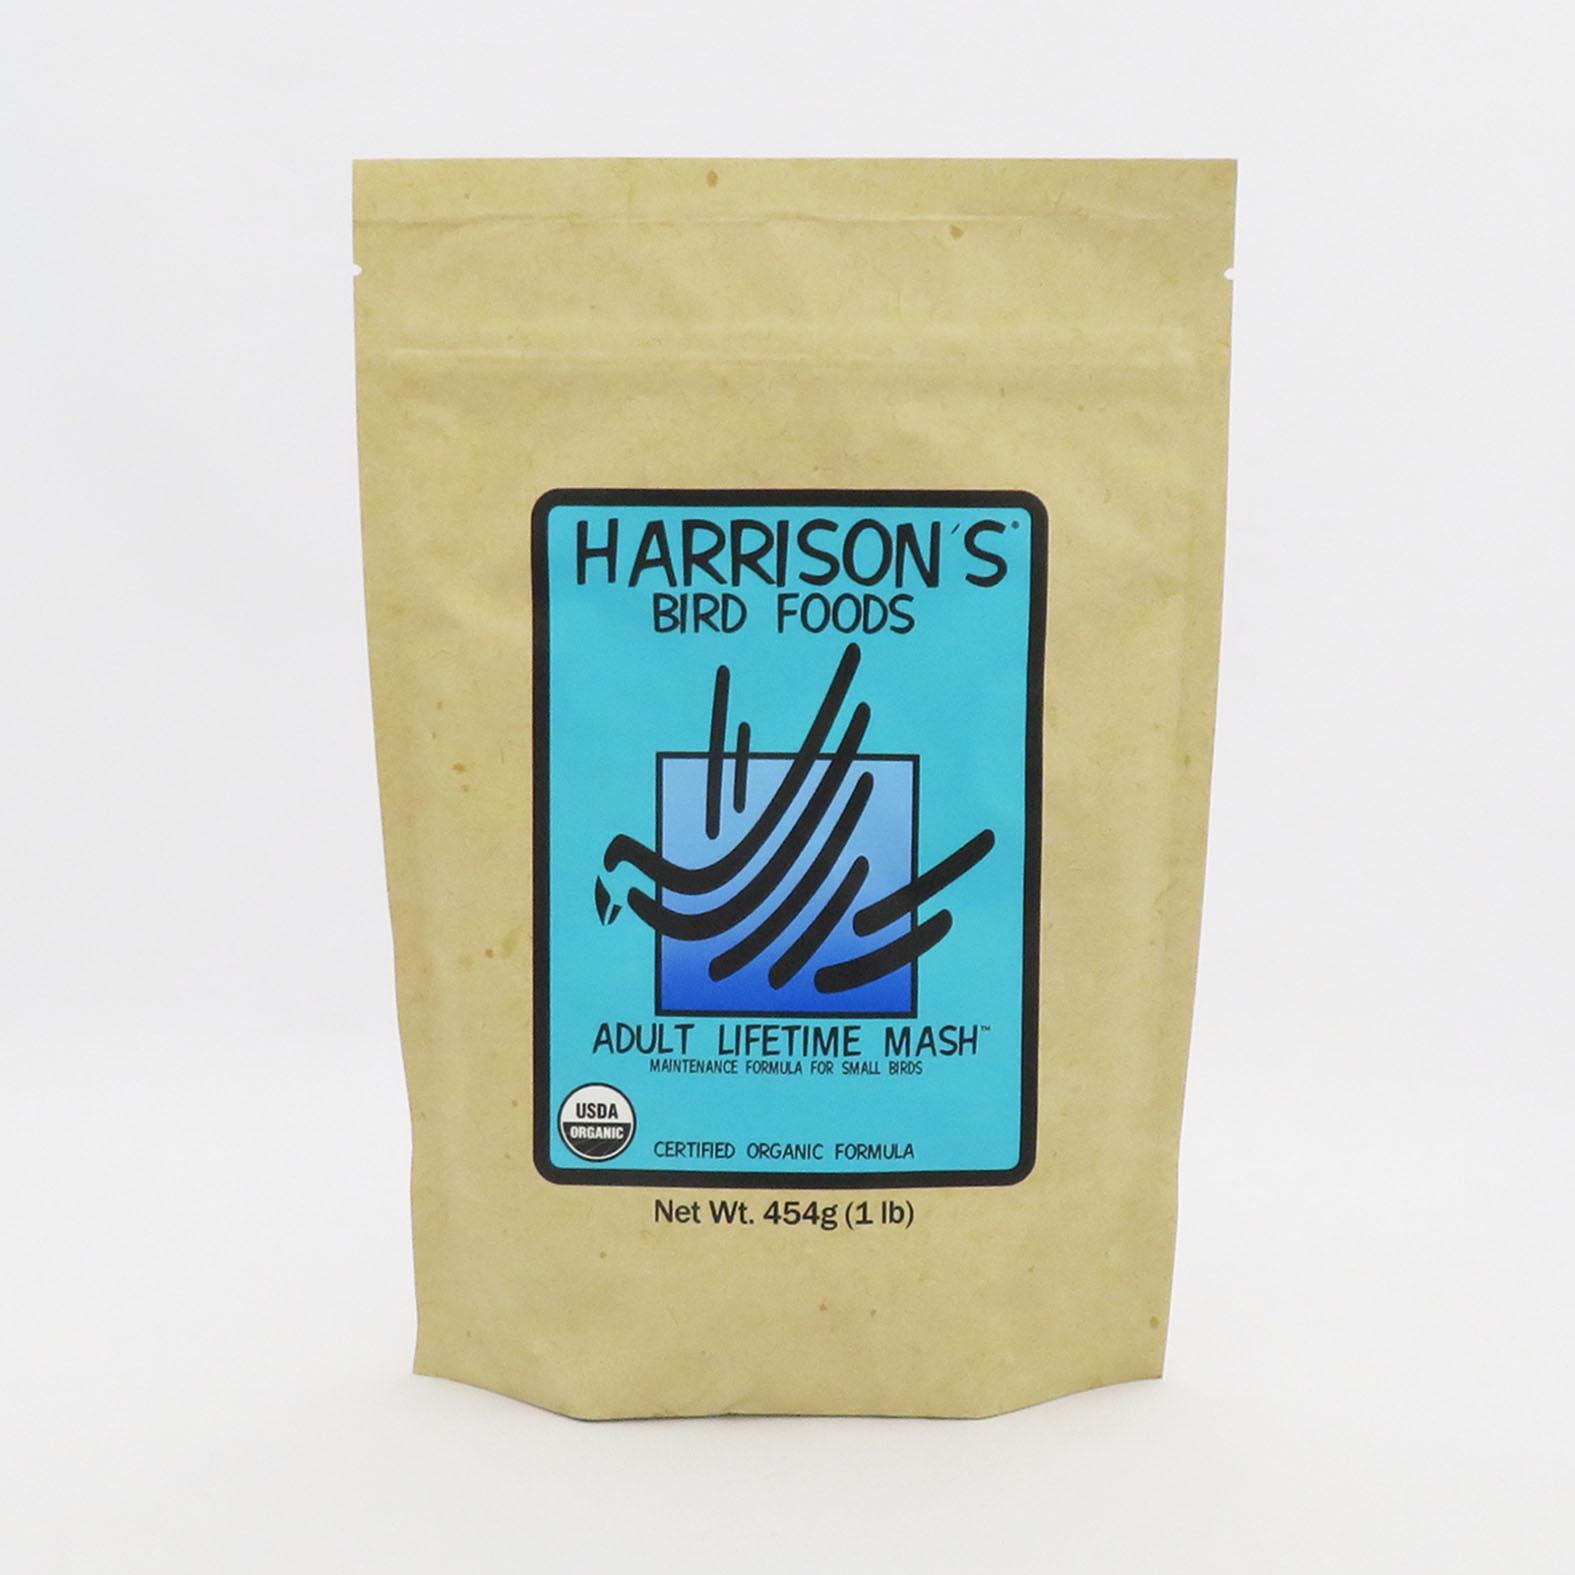 【Harrison】アダルトライフタイム マッシュ[粉状]454g